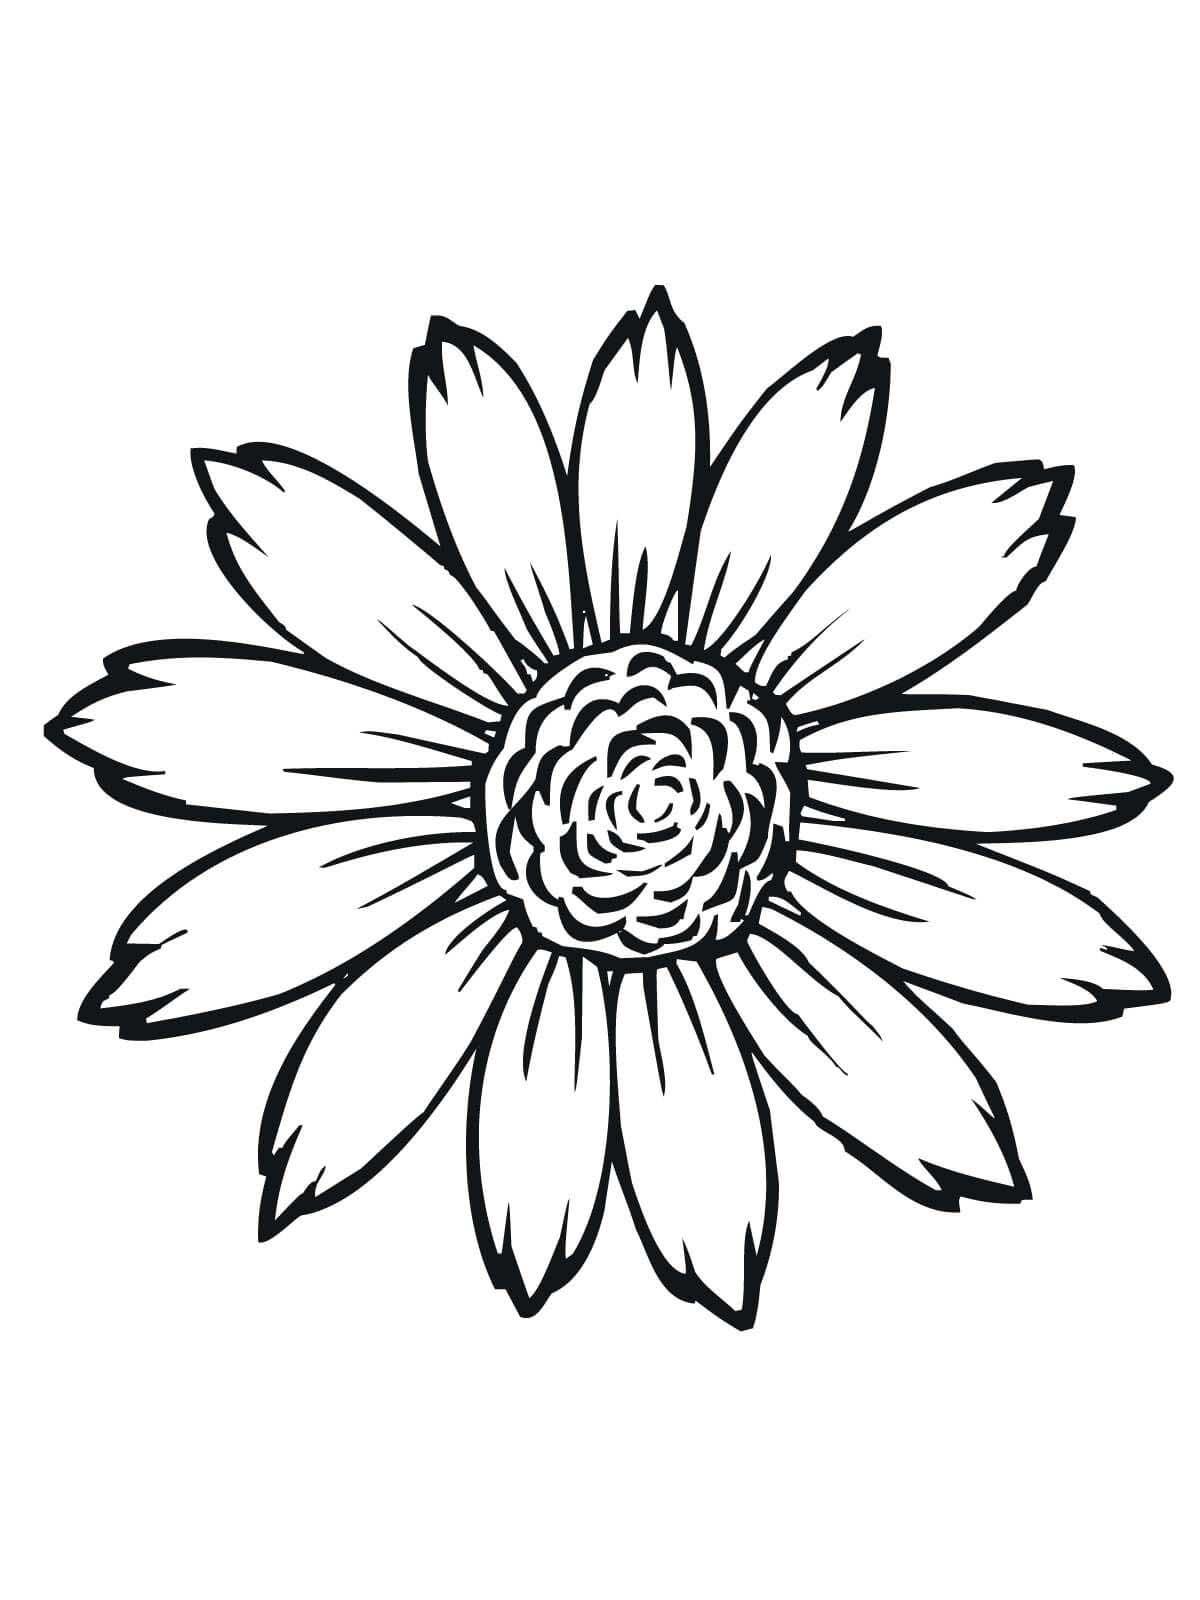 Tranh tô màu hoa đơn giản nhất